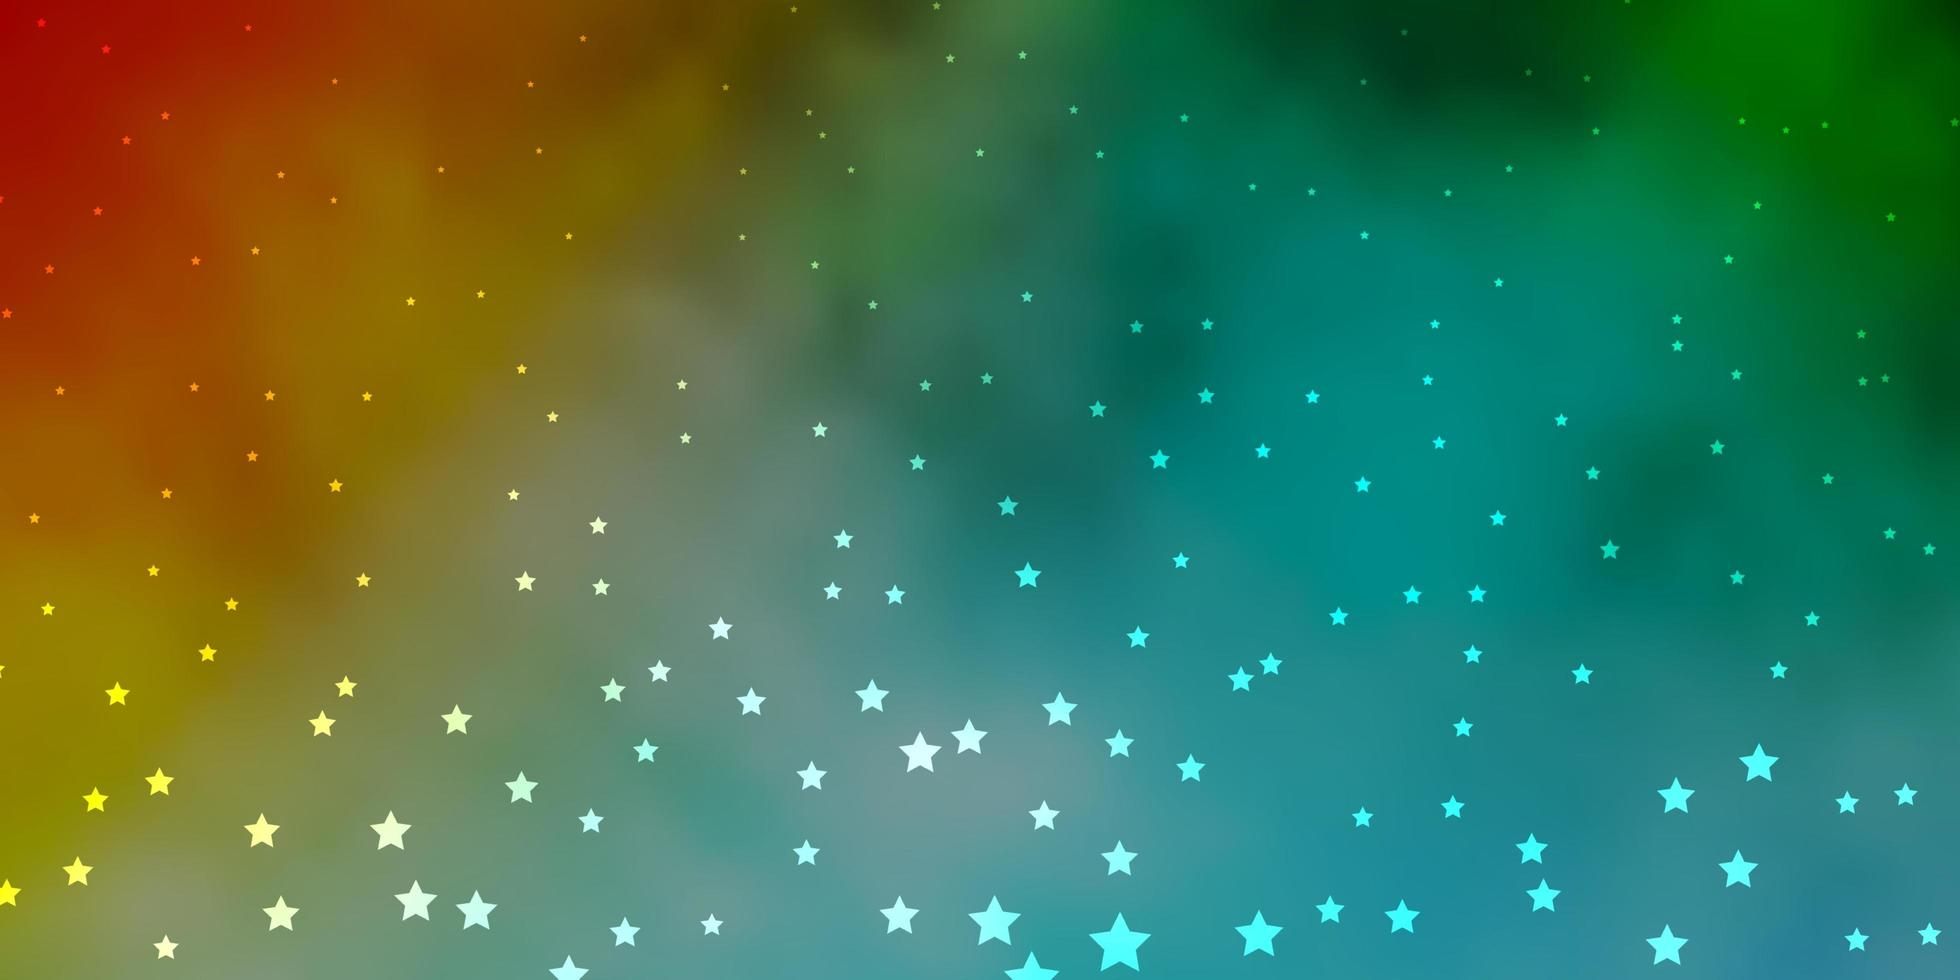 mörkblå, gul vektorstruktur med vackra stjärnor. vektor